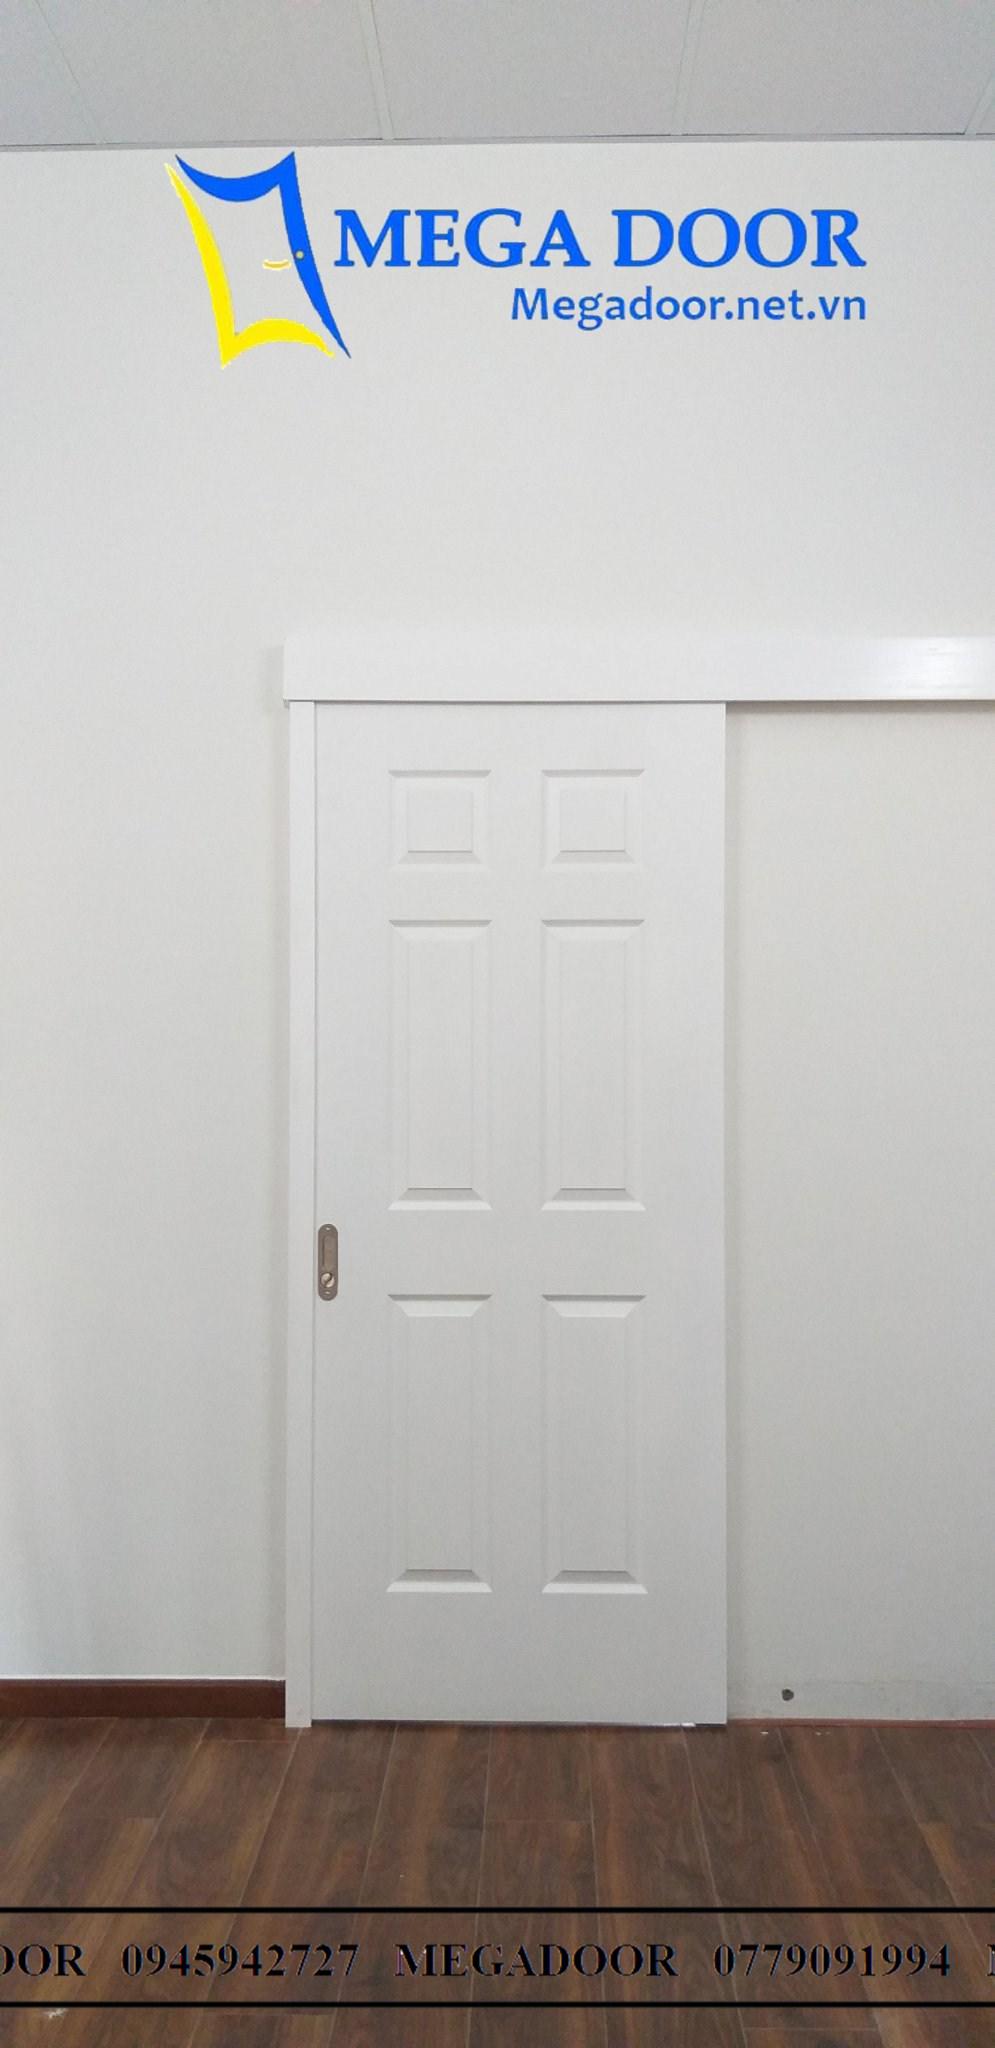 Cửa gỗ công nghiệp HDF màu trắng